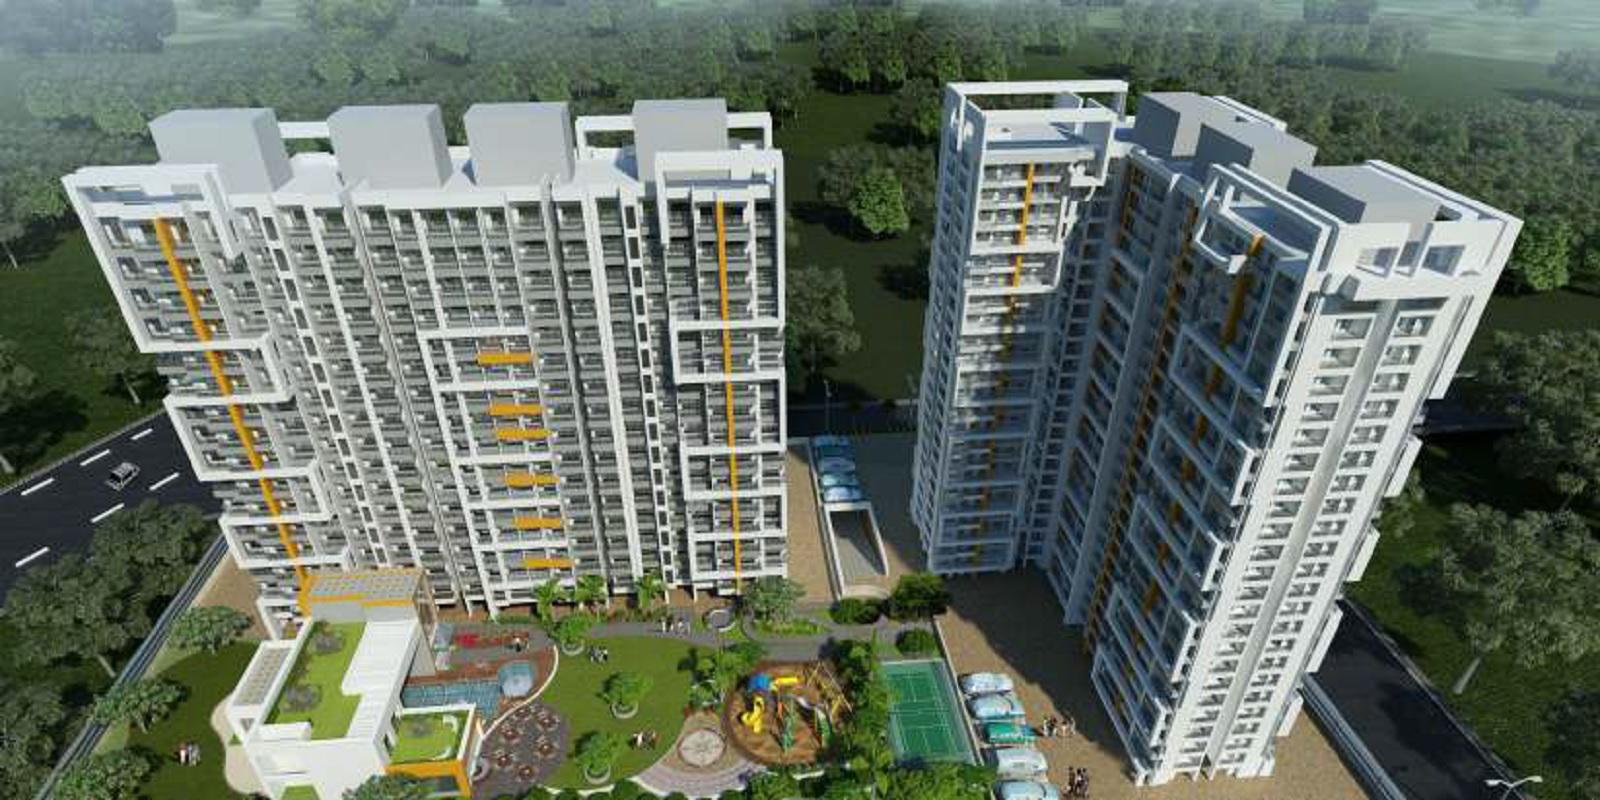 sanghvi eco city phase 3 project large image1